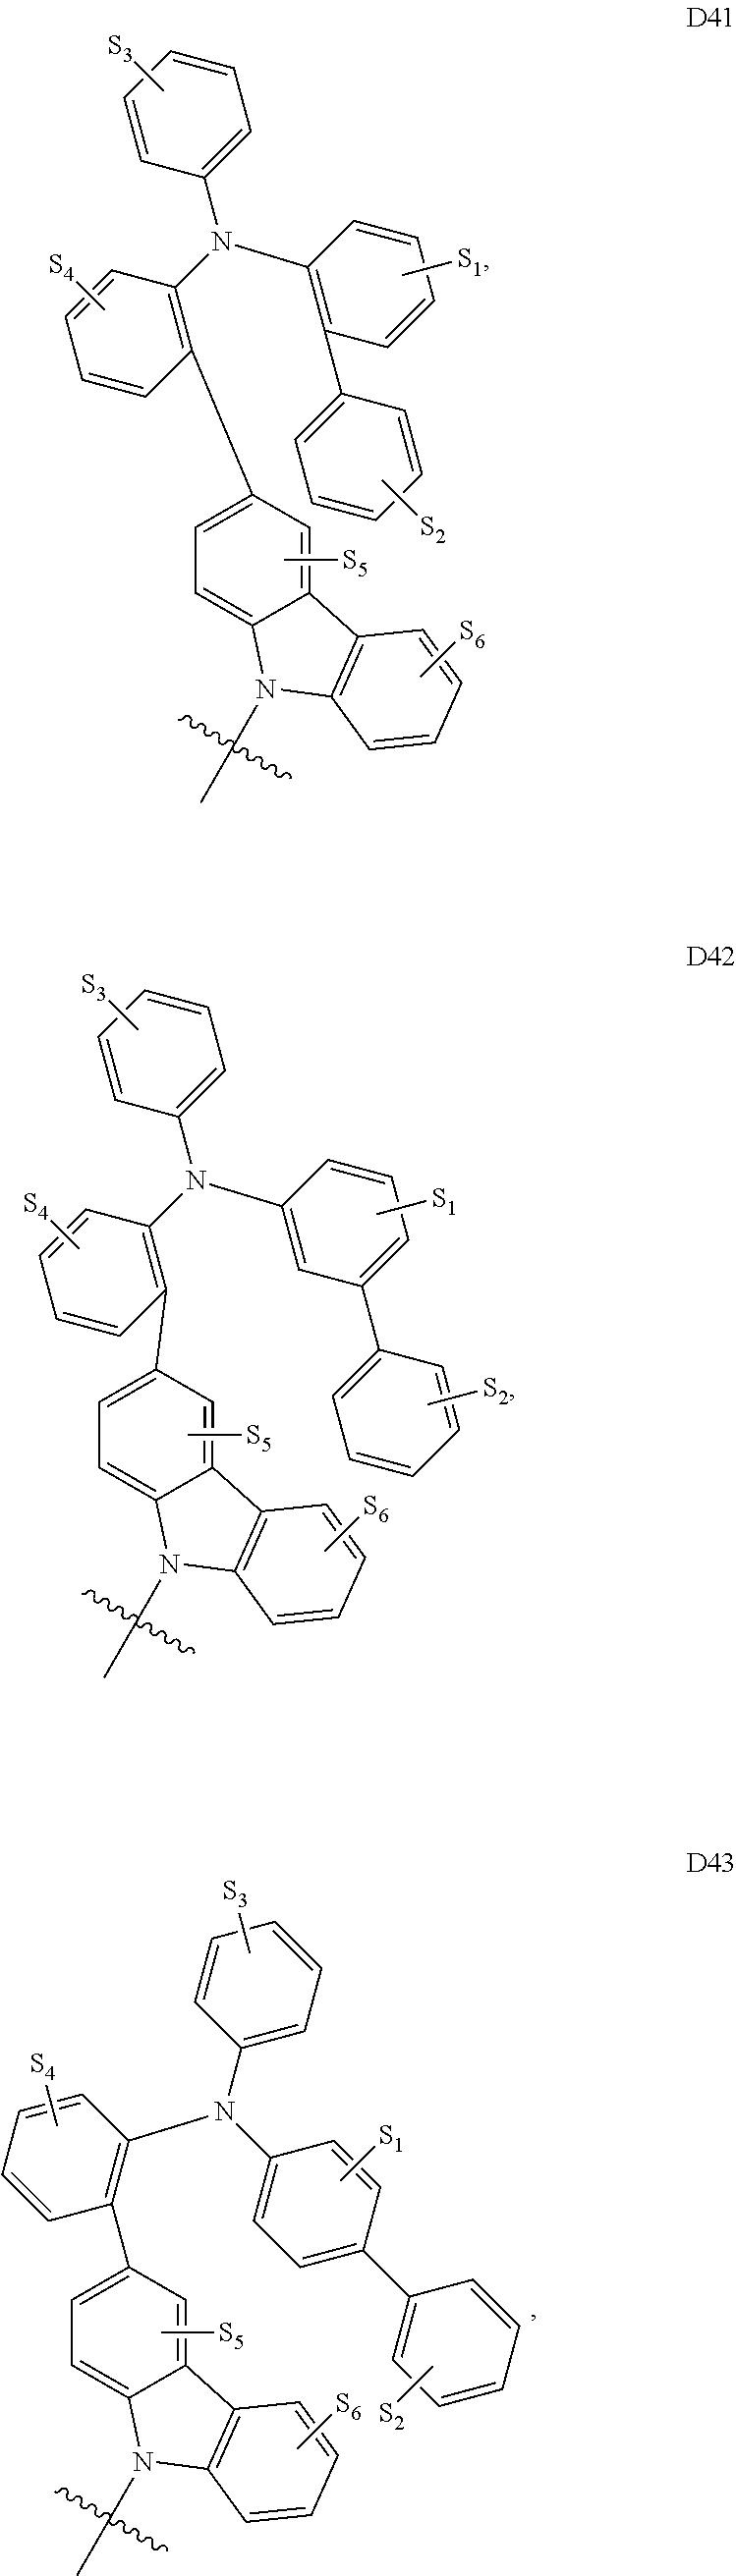 Figure US09537106-20170103-C00480